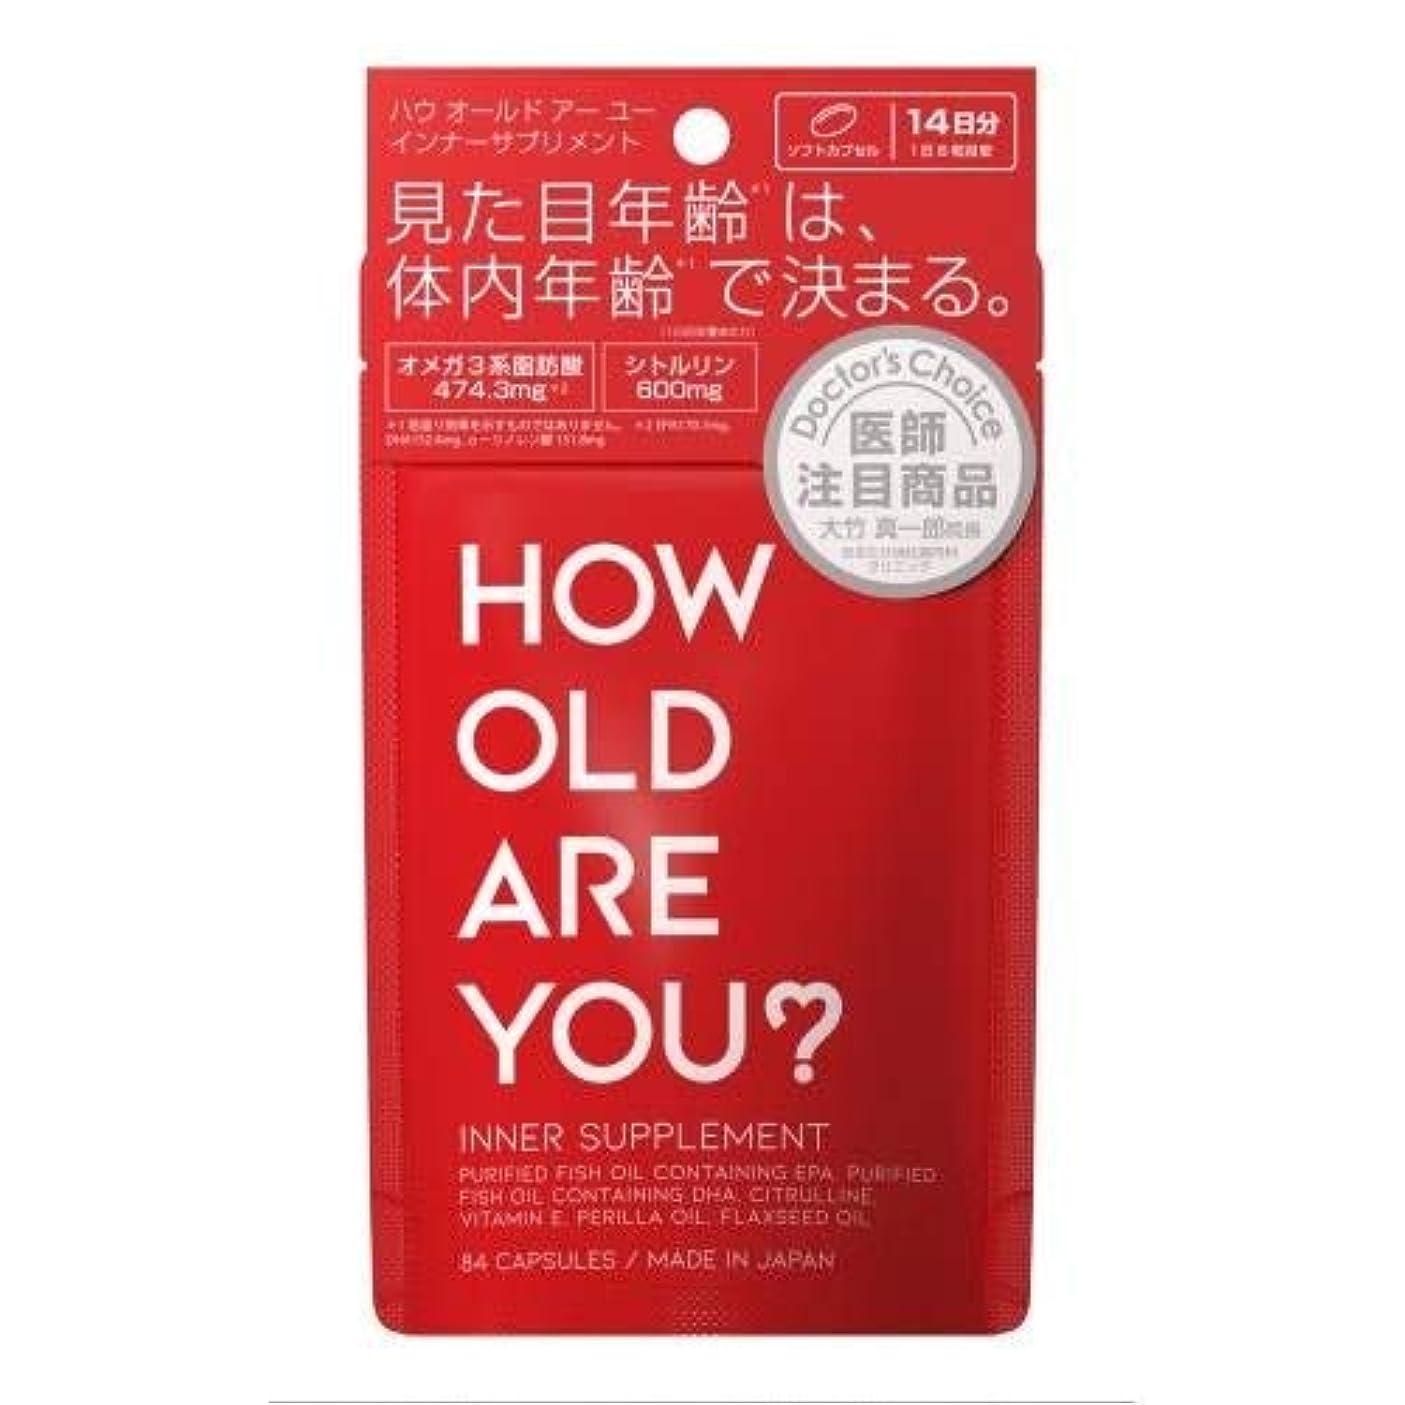 不定官僚そのような【3個セット】HOW OLD ARE YOU?インナーサプリメント 84粒